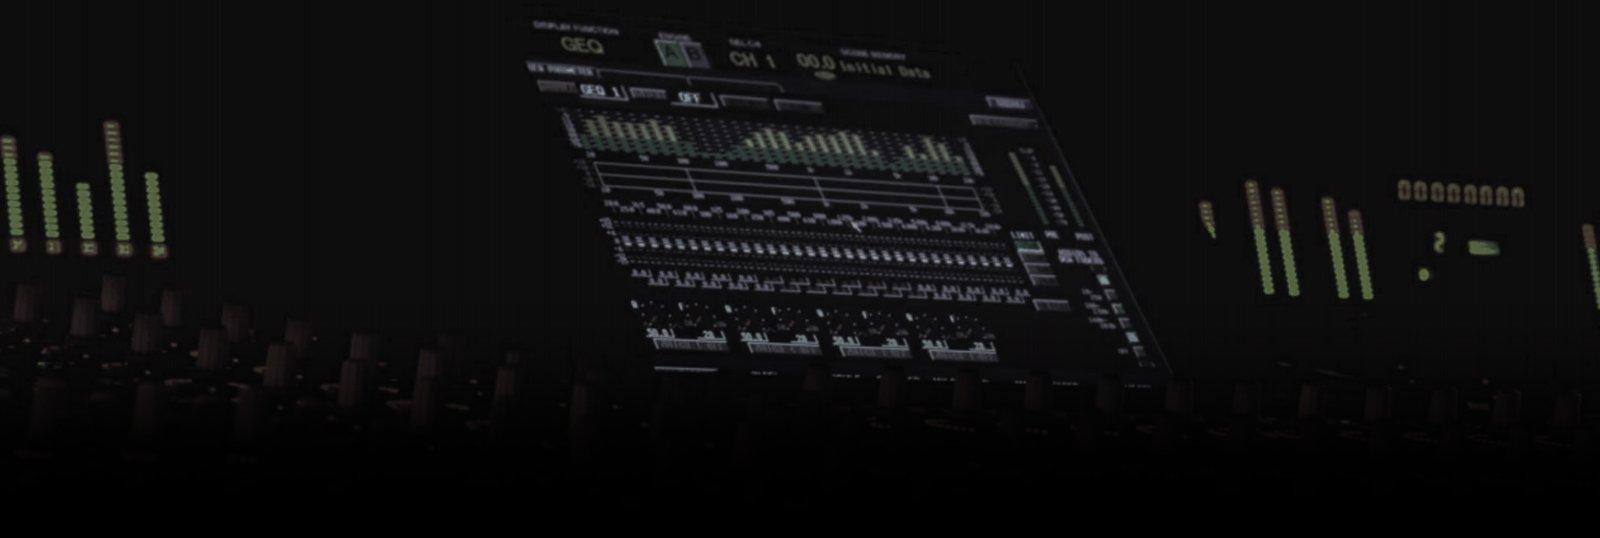 Graphic Equalizer Studio Audio